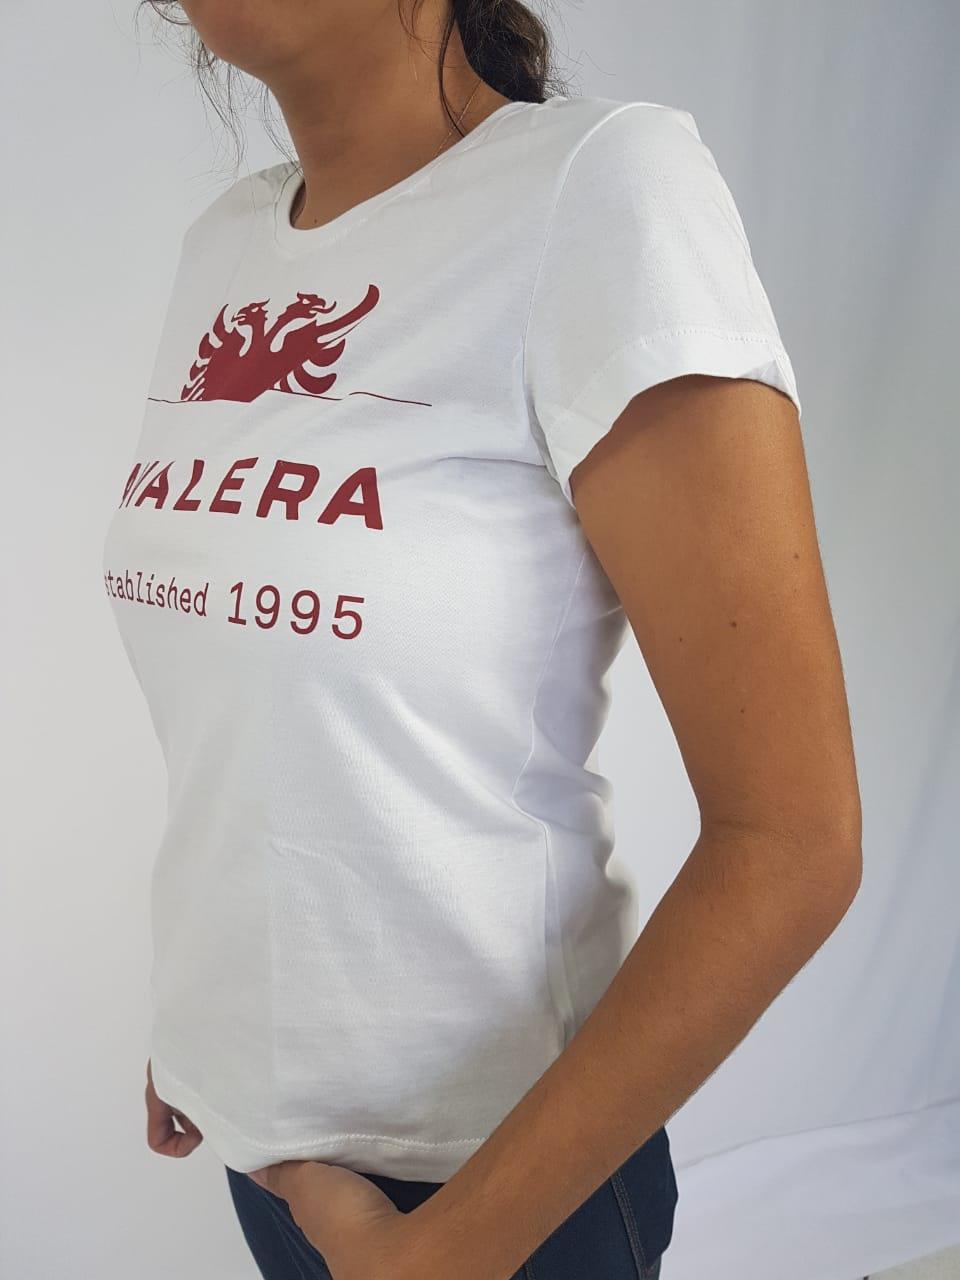 Blusa Feminina Estampada Cavalera